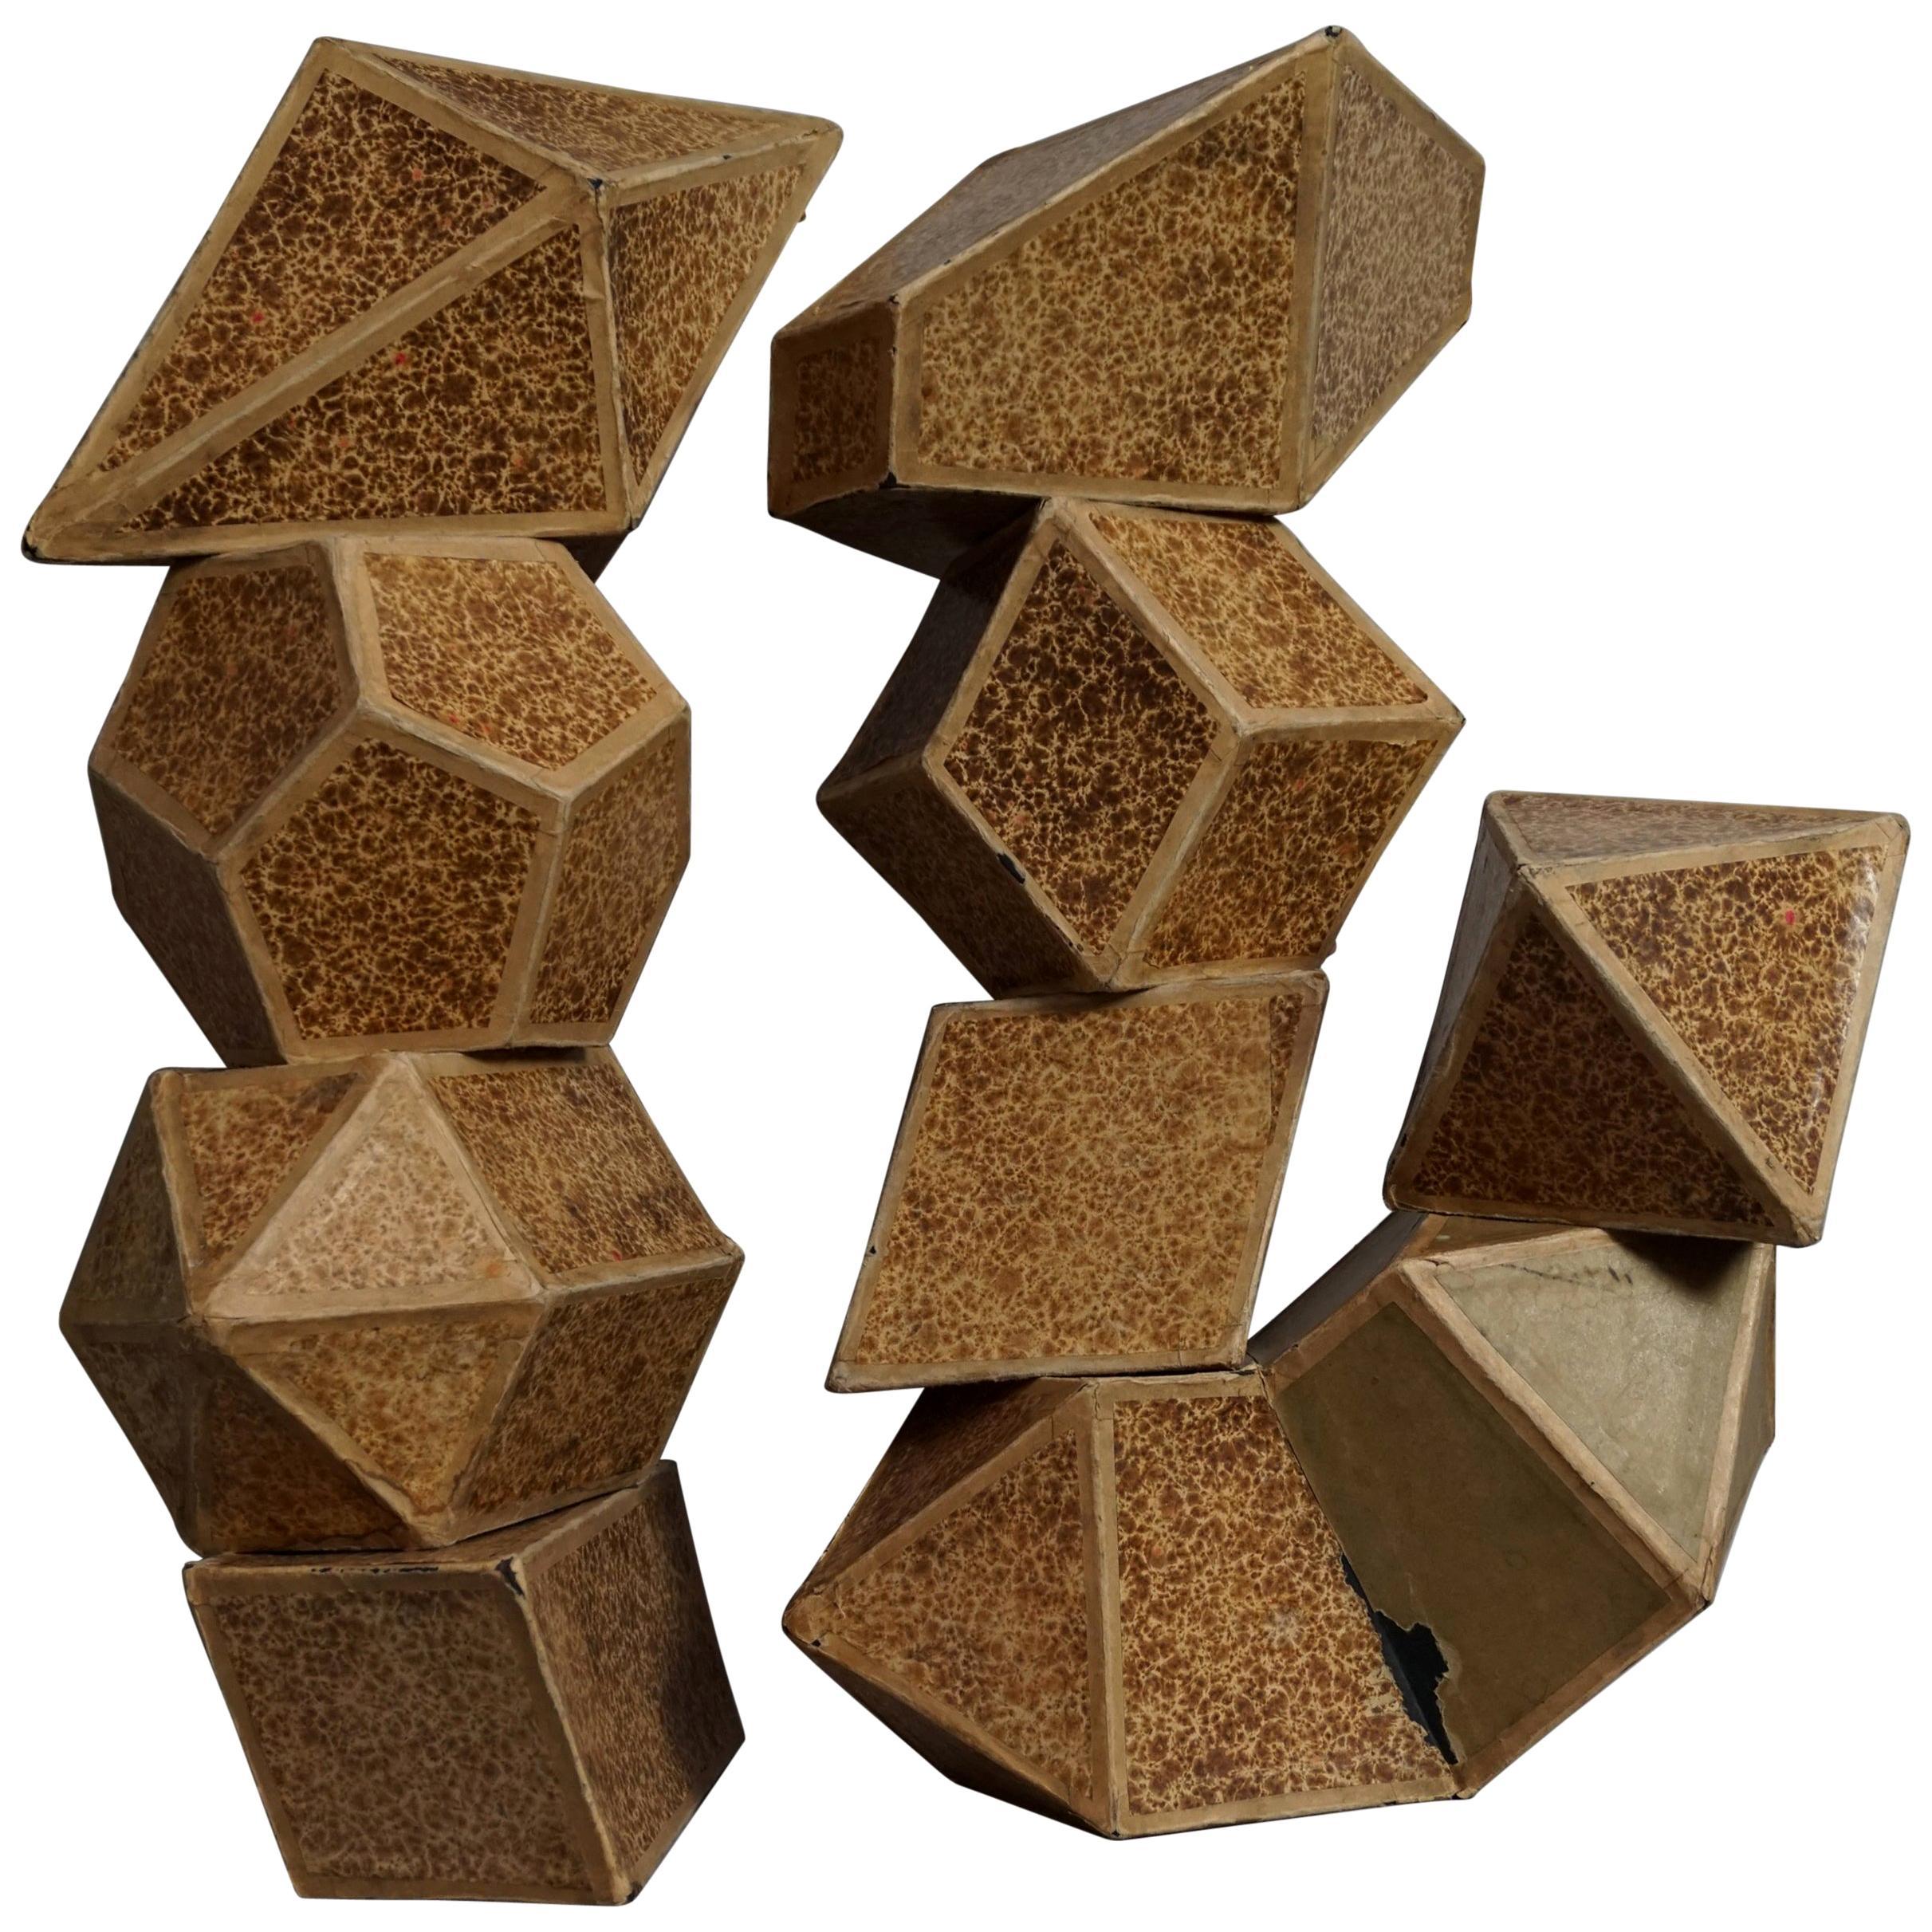 Nine 1920s Geometric Cardboard Science Crystals School Teaching Material Models